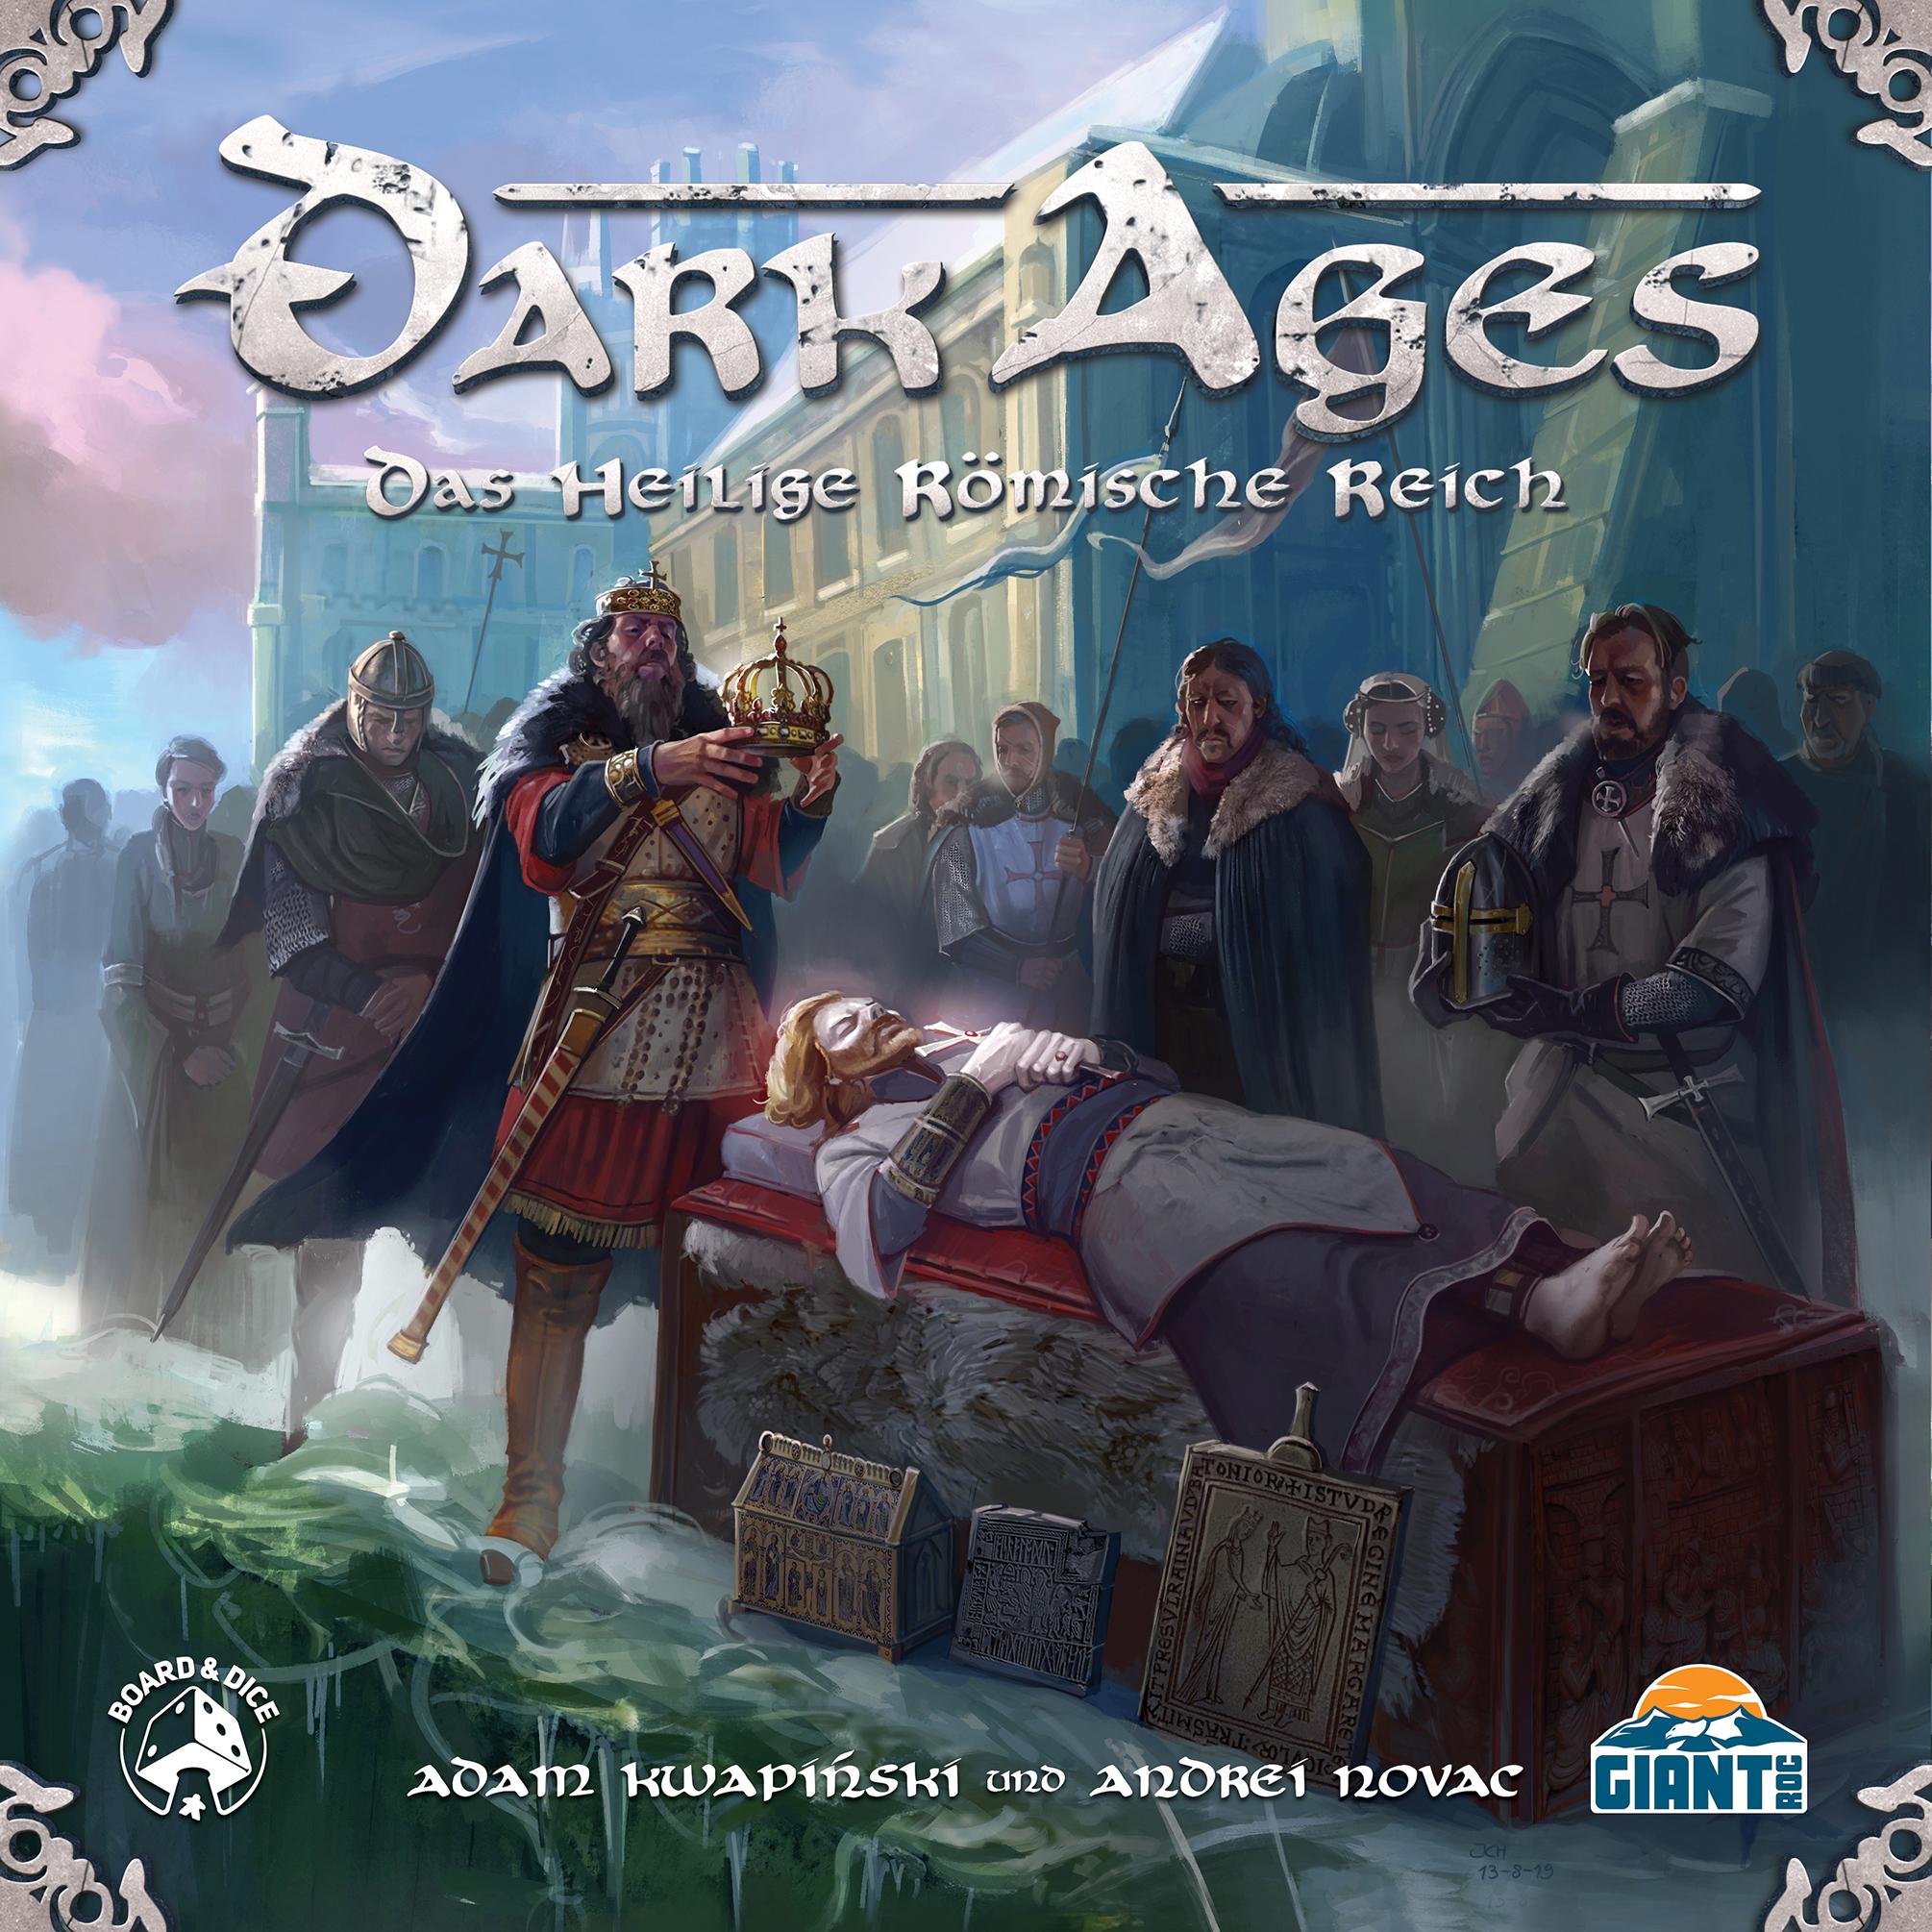 Dark Ages - Das heilige Römische Reich (Zentraleuropa)